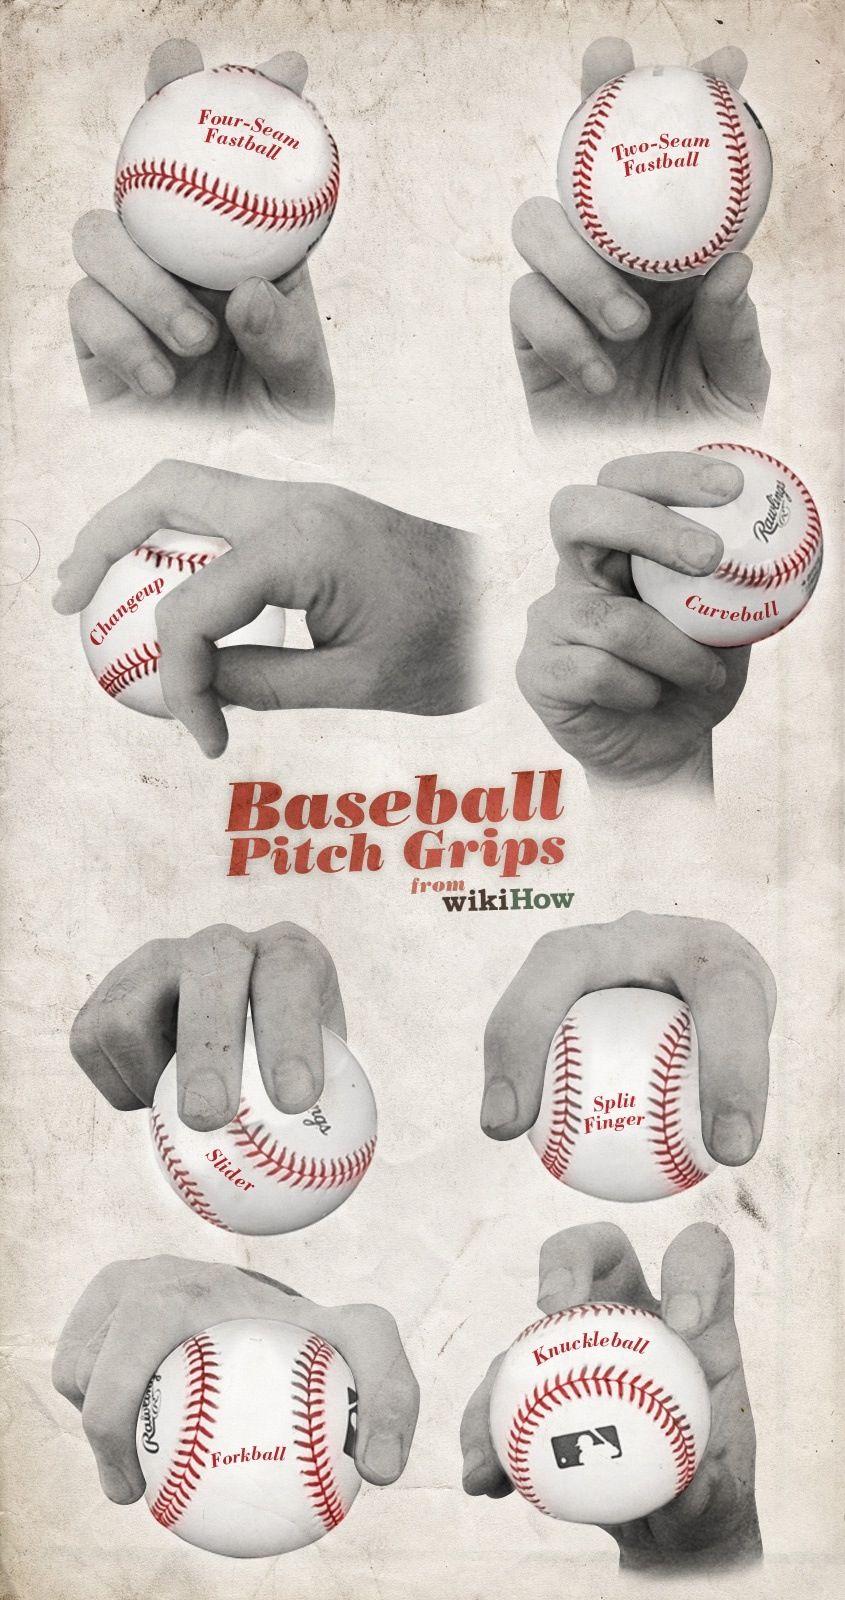 Baseball pitch grips baseball stuff pinterest